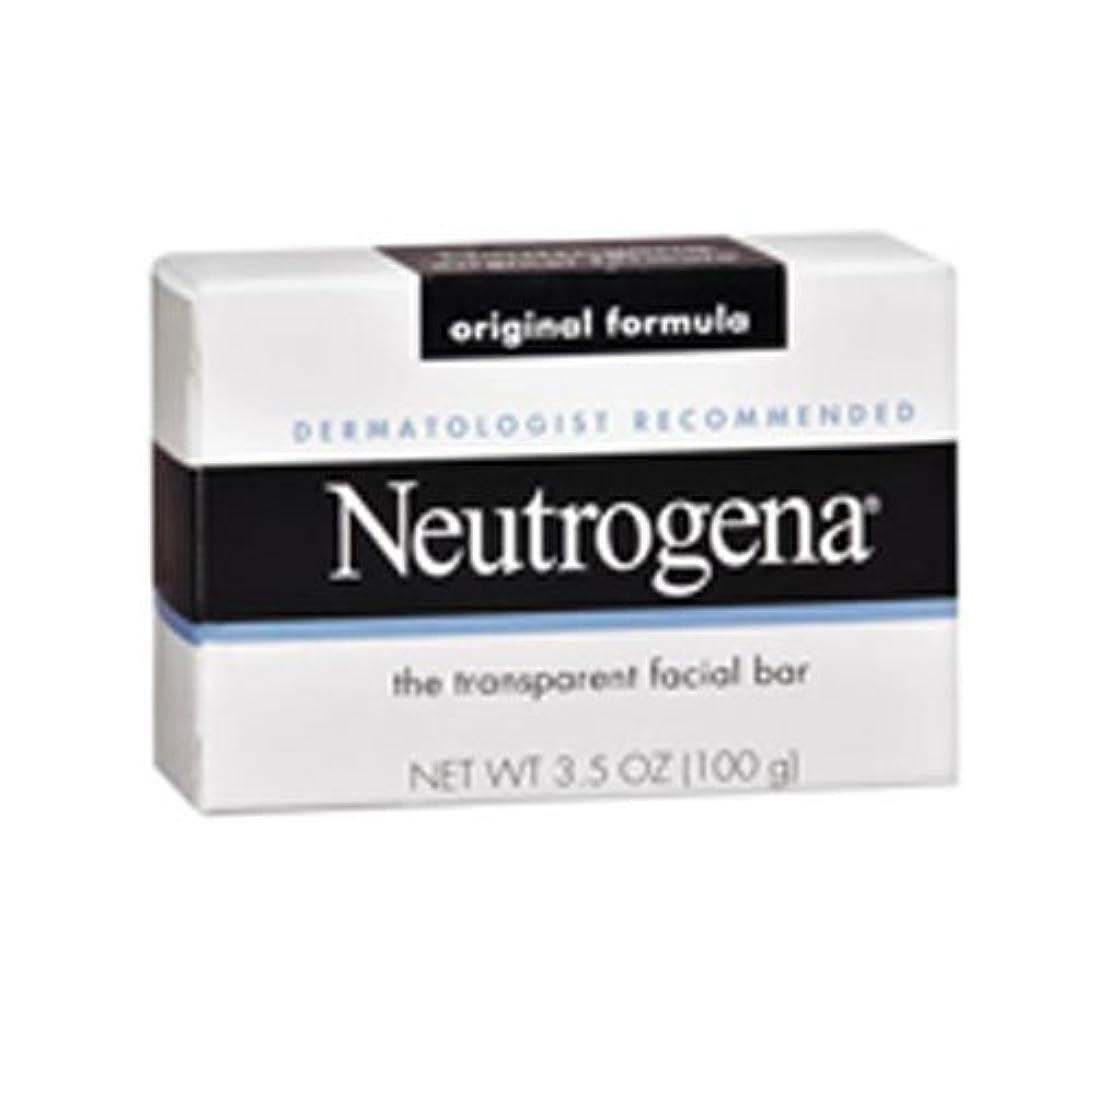 現在ファンタジー周り海外直送肘 Neutrogena Transparent Facial Soap Bar, 3.5 oz